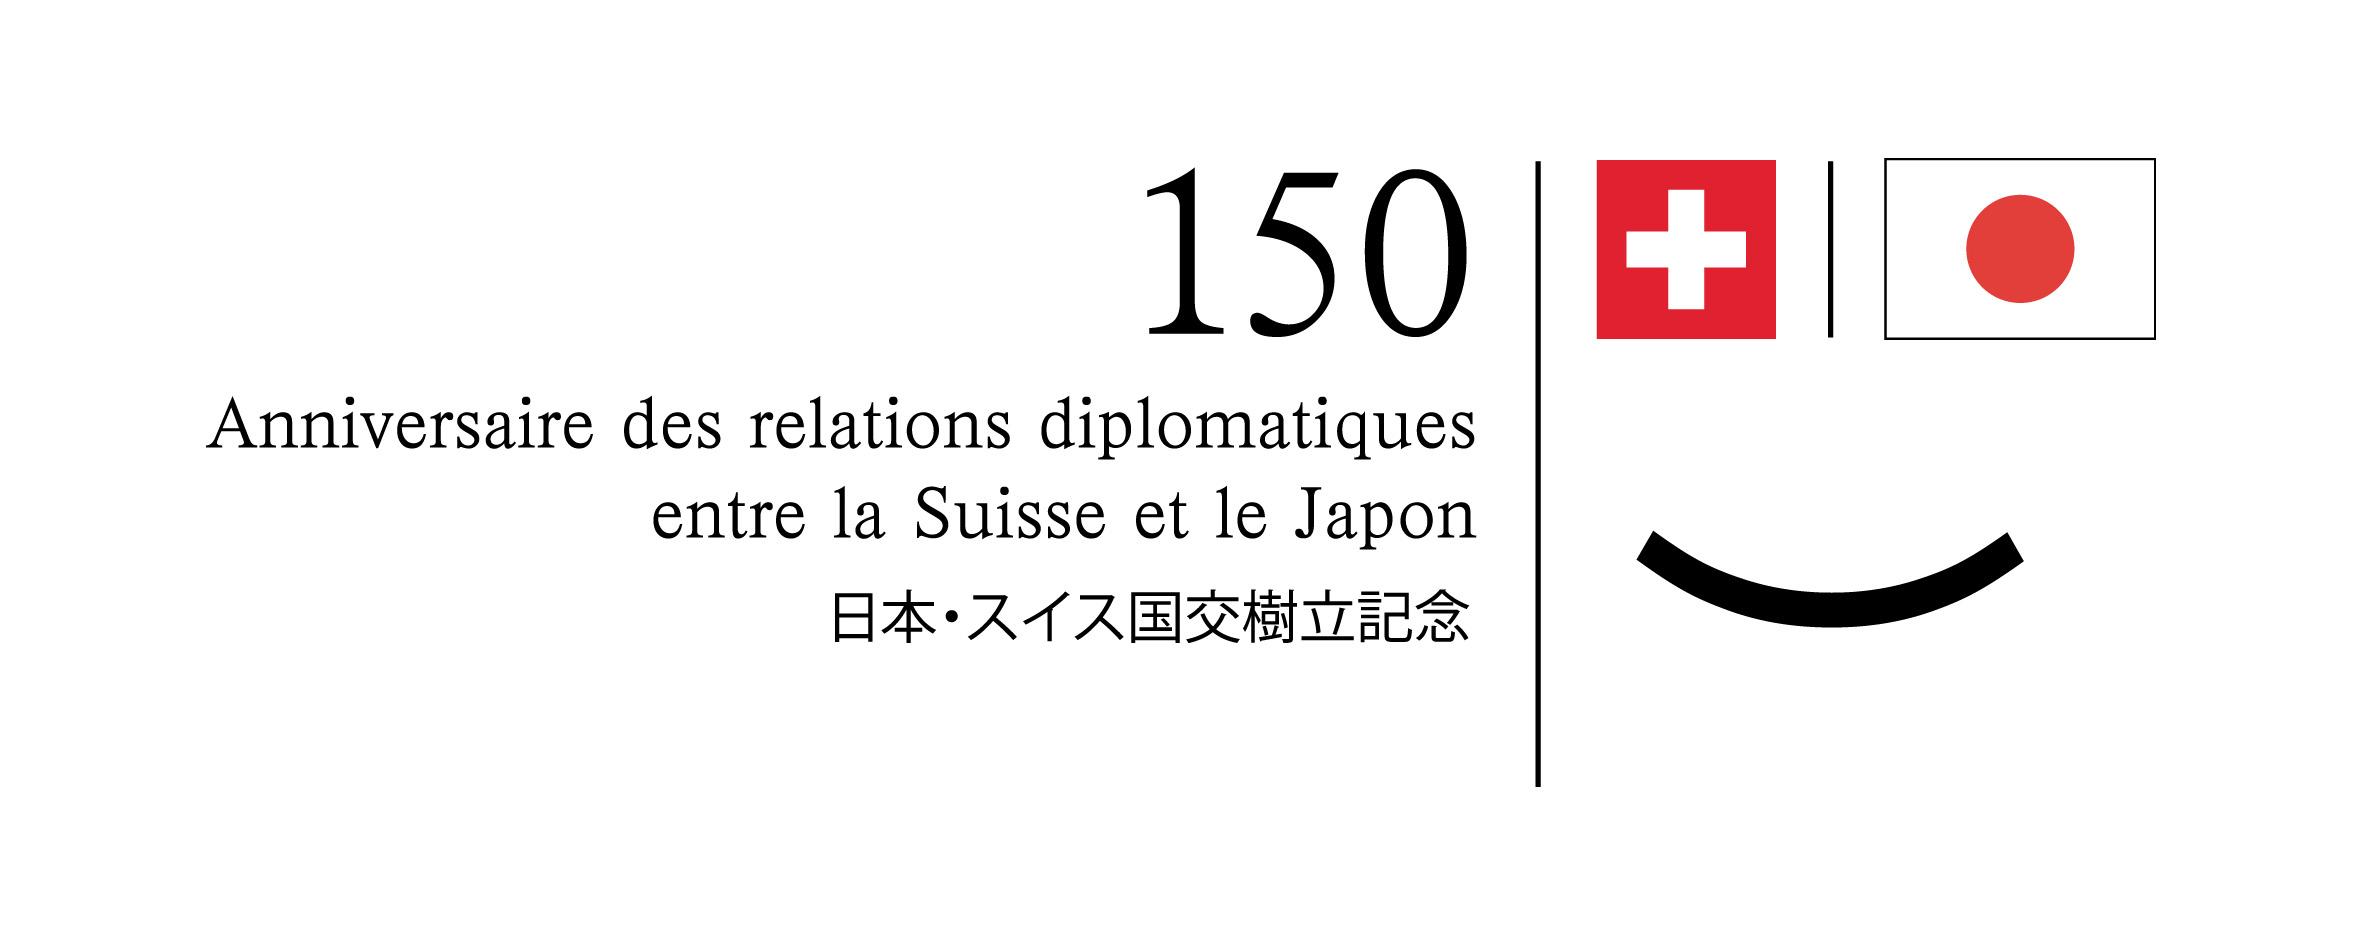 日本・スイス国交樹立150 周年記念ロゴフランス語